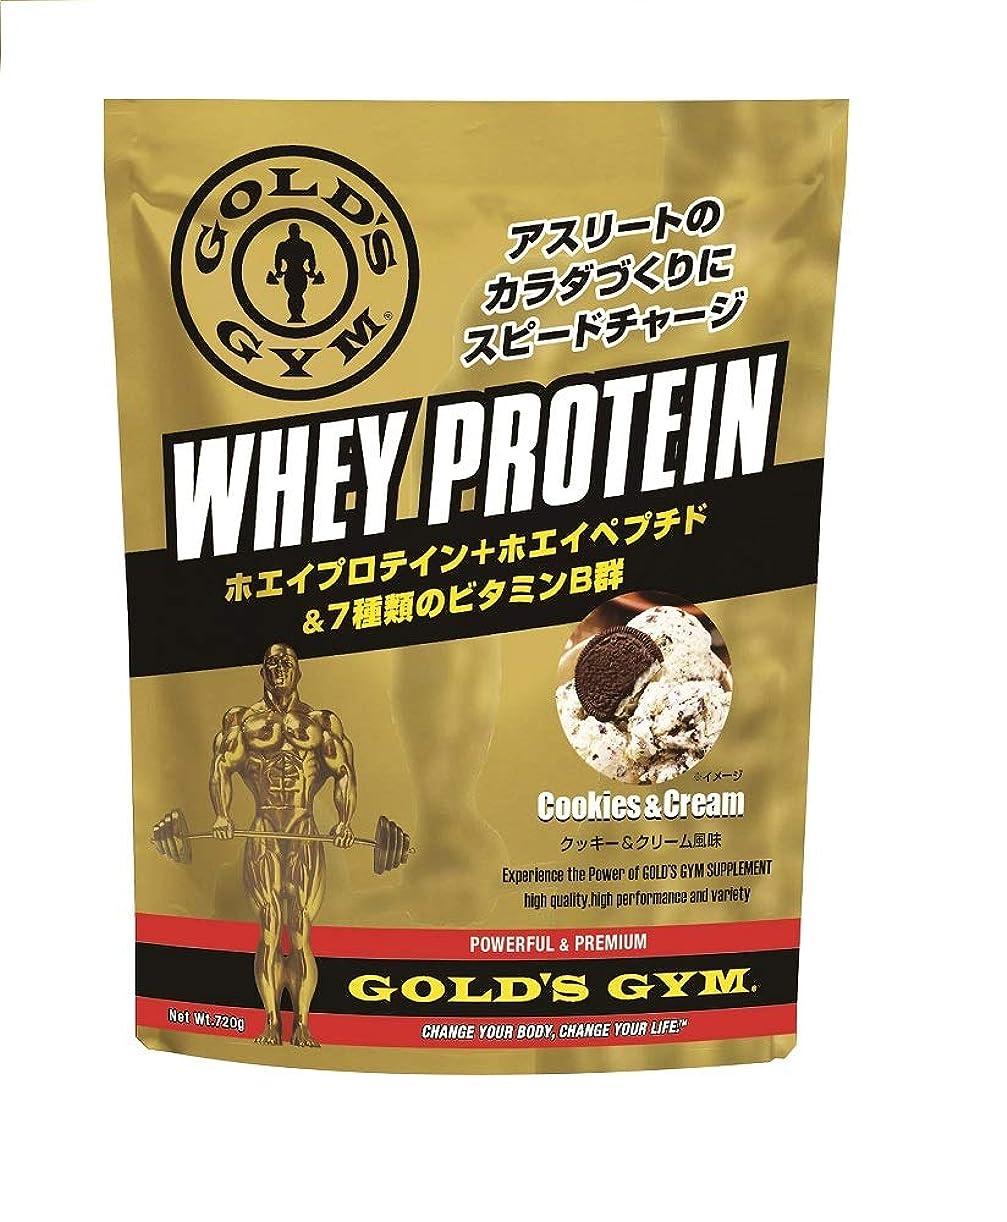 ファンタジー許可ゲインセイゴールドジム(GOLD'S GYM) ホエイプロテイン クッキー&クリーム風味 720g